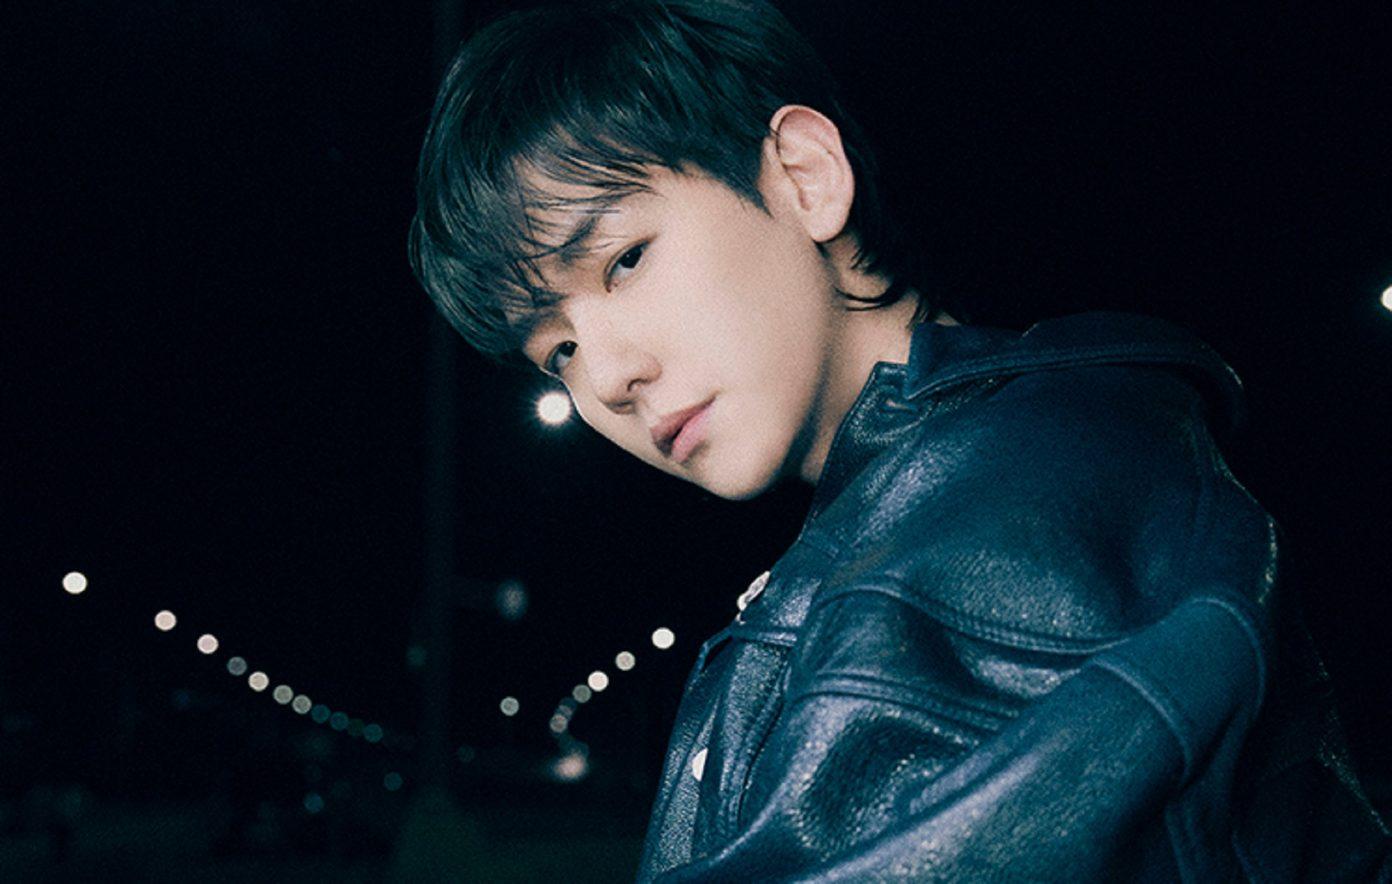 baekhyun-bambi-sm-entertainment-032521-1392x884